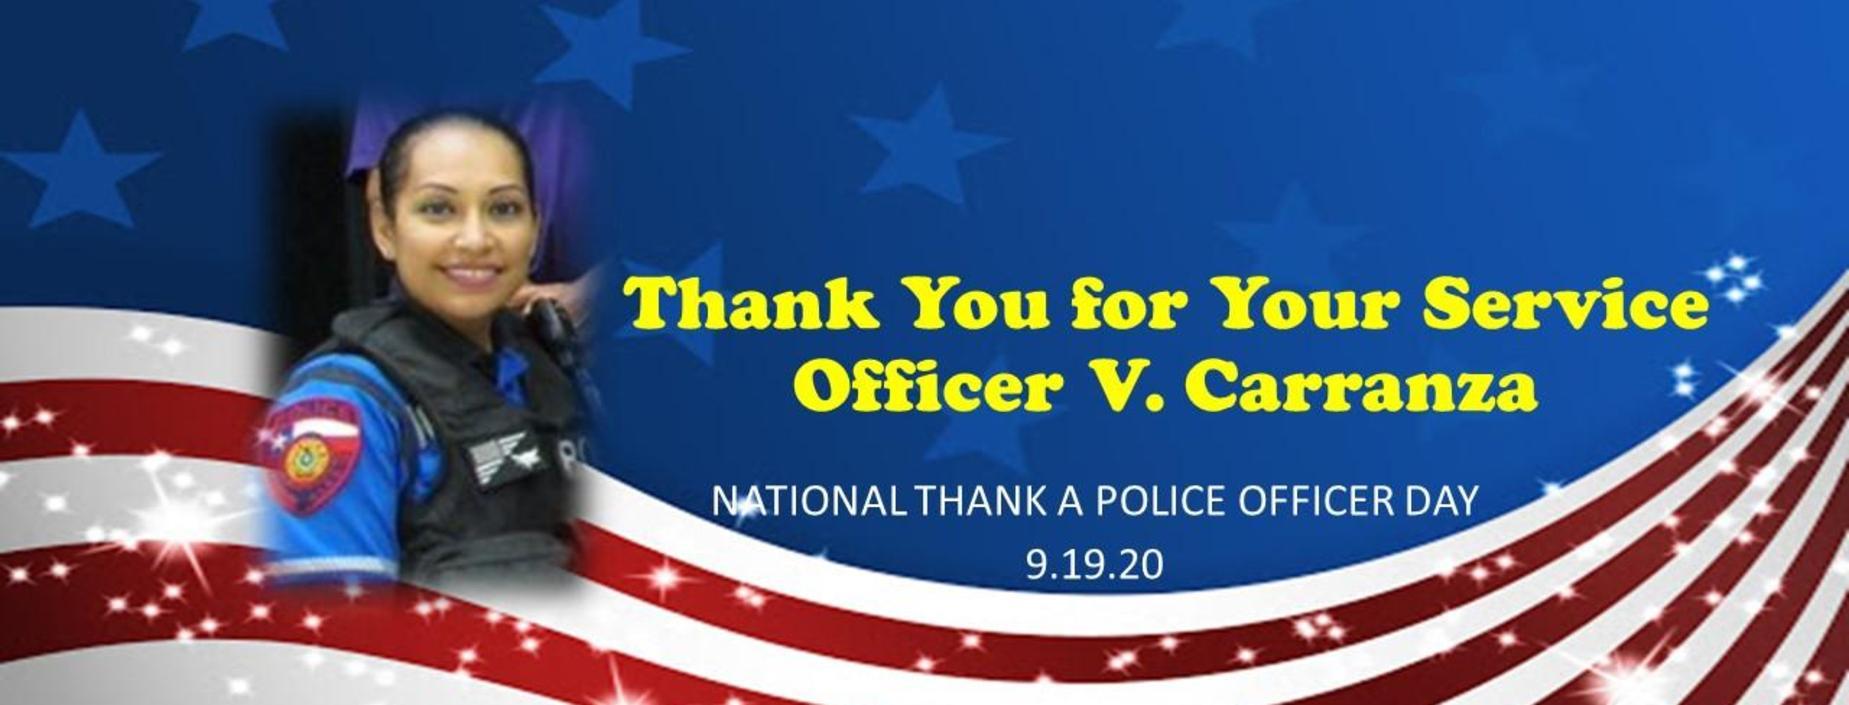 officer carranza